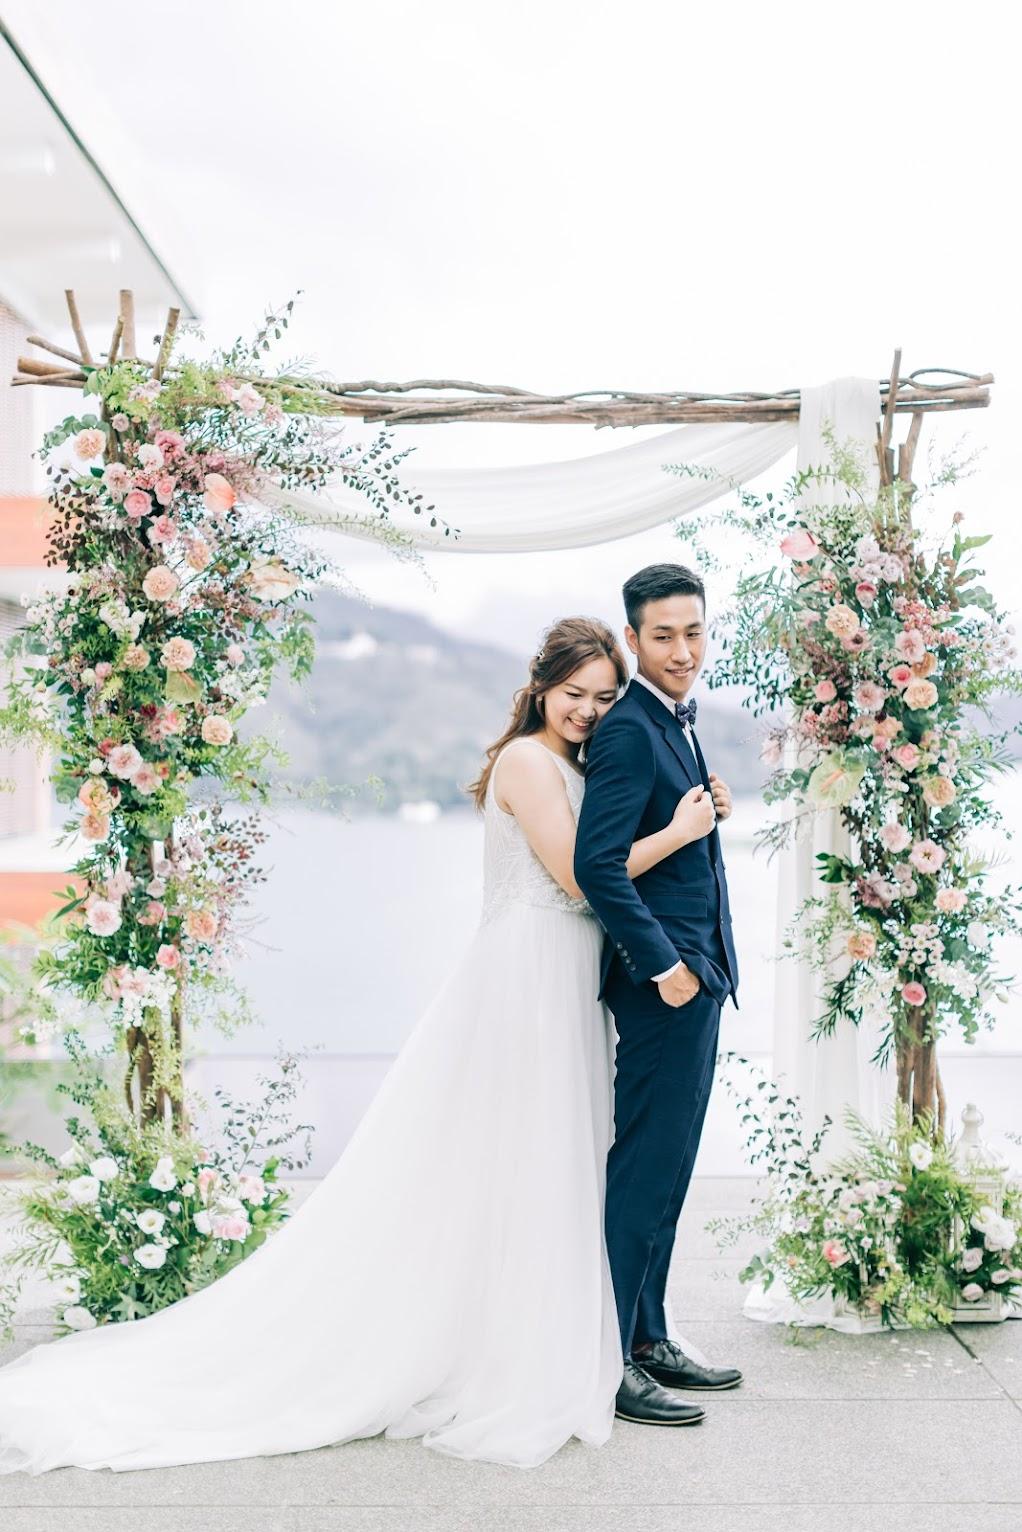 涵碧樓婚禮攝影 -拱門前